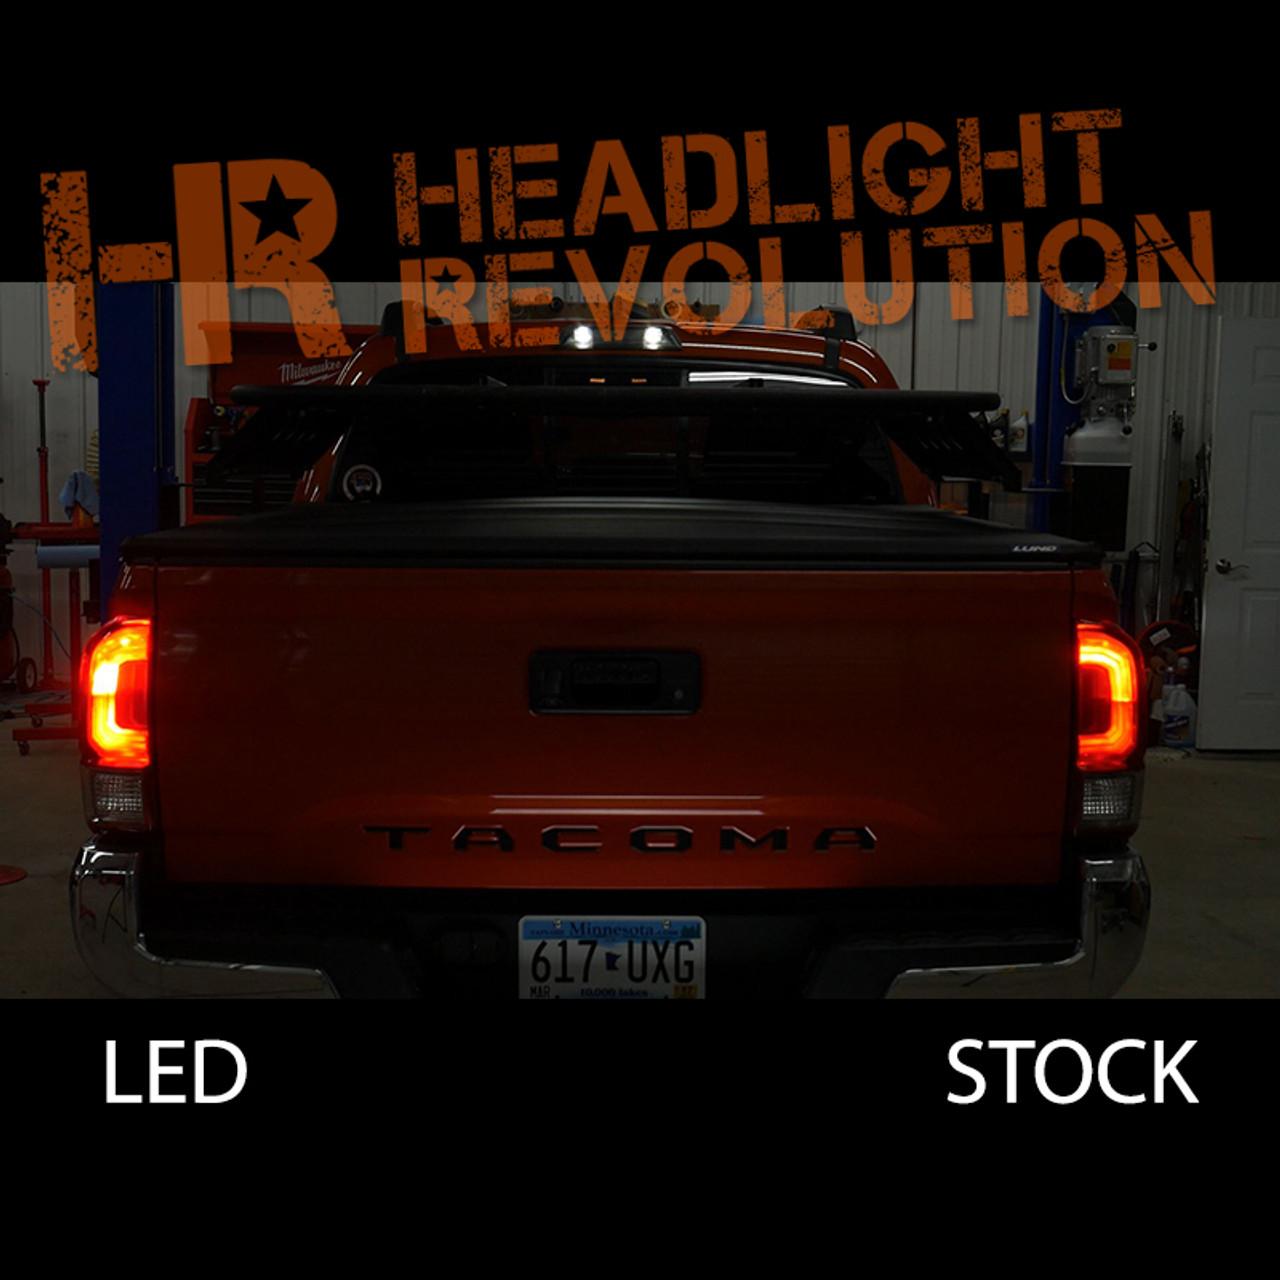 2016 2018 toyota ta a led rear brake light bulbs kit headlight 2005 Toyota Camry Tail Light 2016 2018 toyota ta a led rear brake light bulbs kit